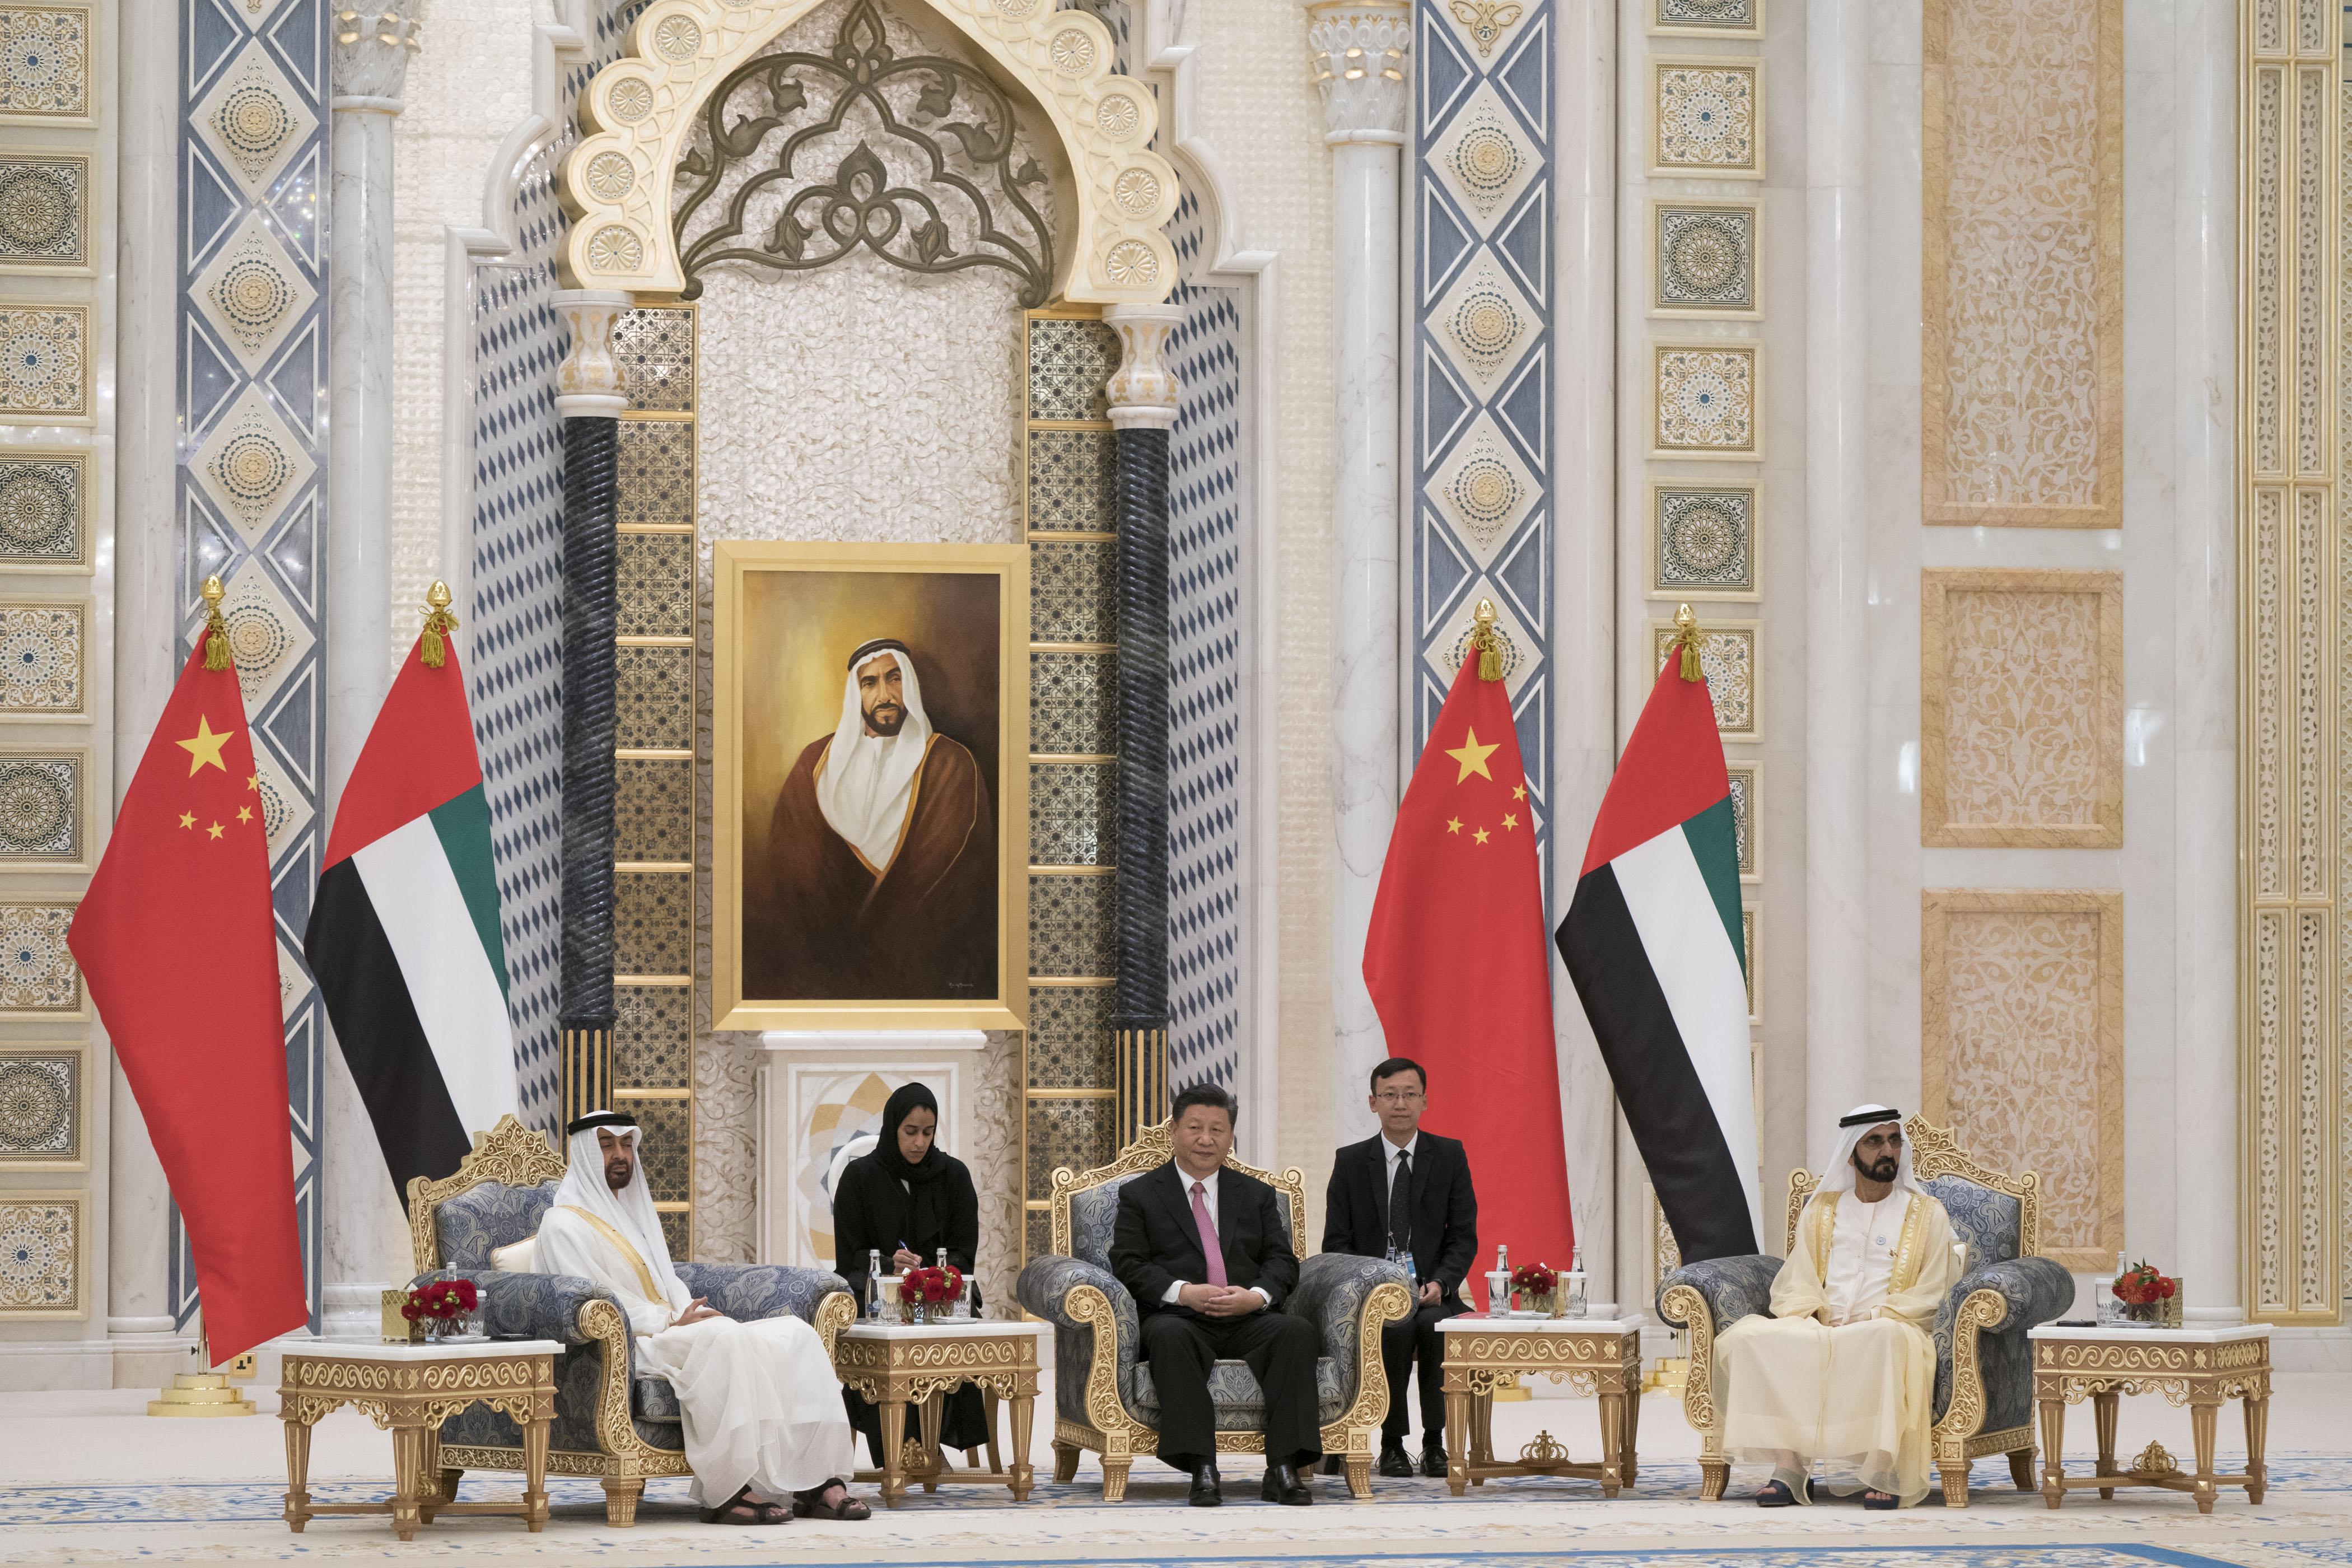 محمد بن راشد ومحمد بن زايد والرئيس الصيني يشهدون مراسم تبادل 13 اتفاقية ومذكرة تفاهم موقعة بين البلدين. 3